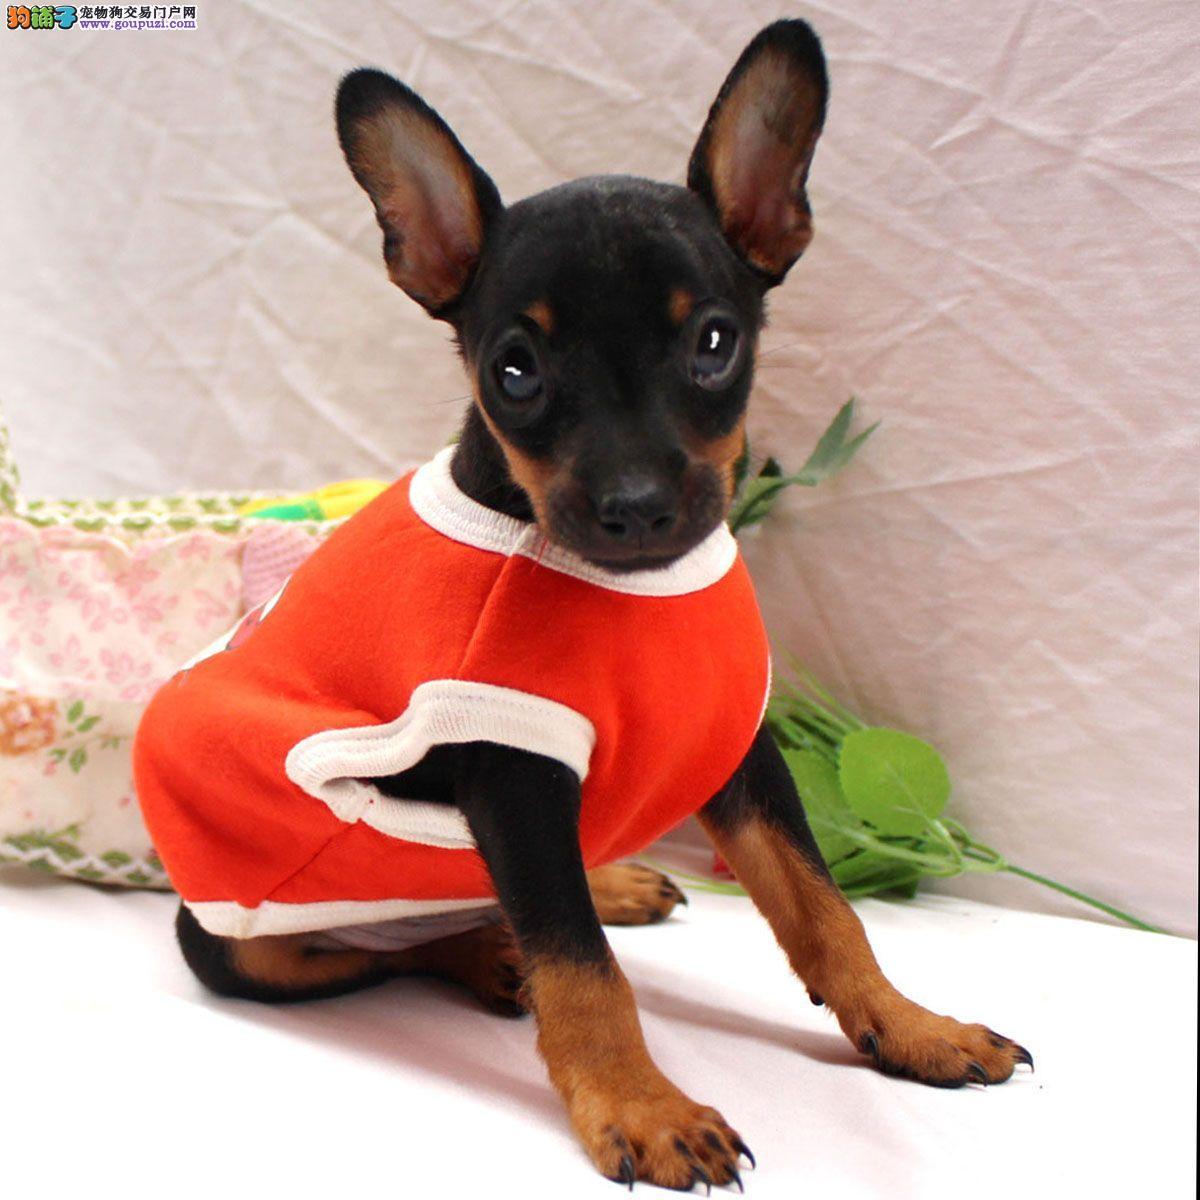 出售赛级小鹿犬,全程实拍直接视频,提供养狗指导